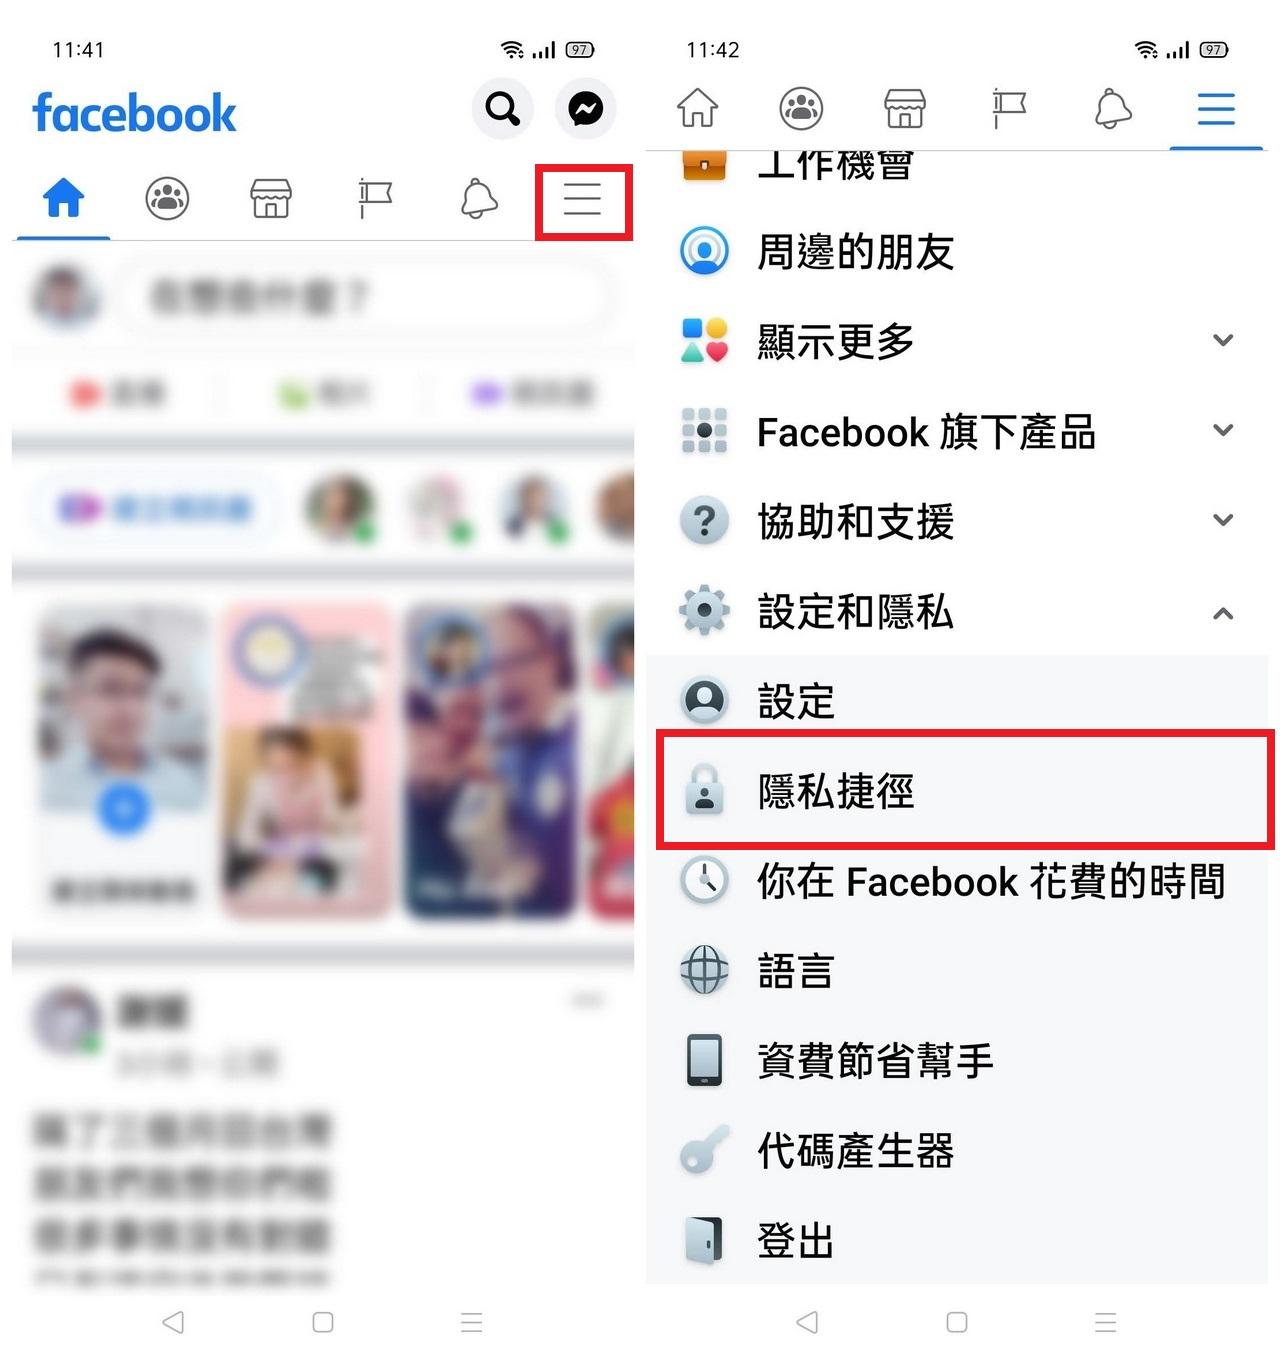 臉書加好友 但是搜尋不到自己的名稱 隱私設定如何修改